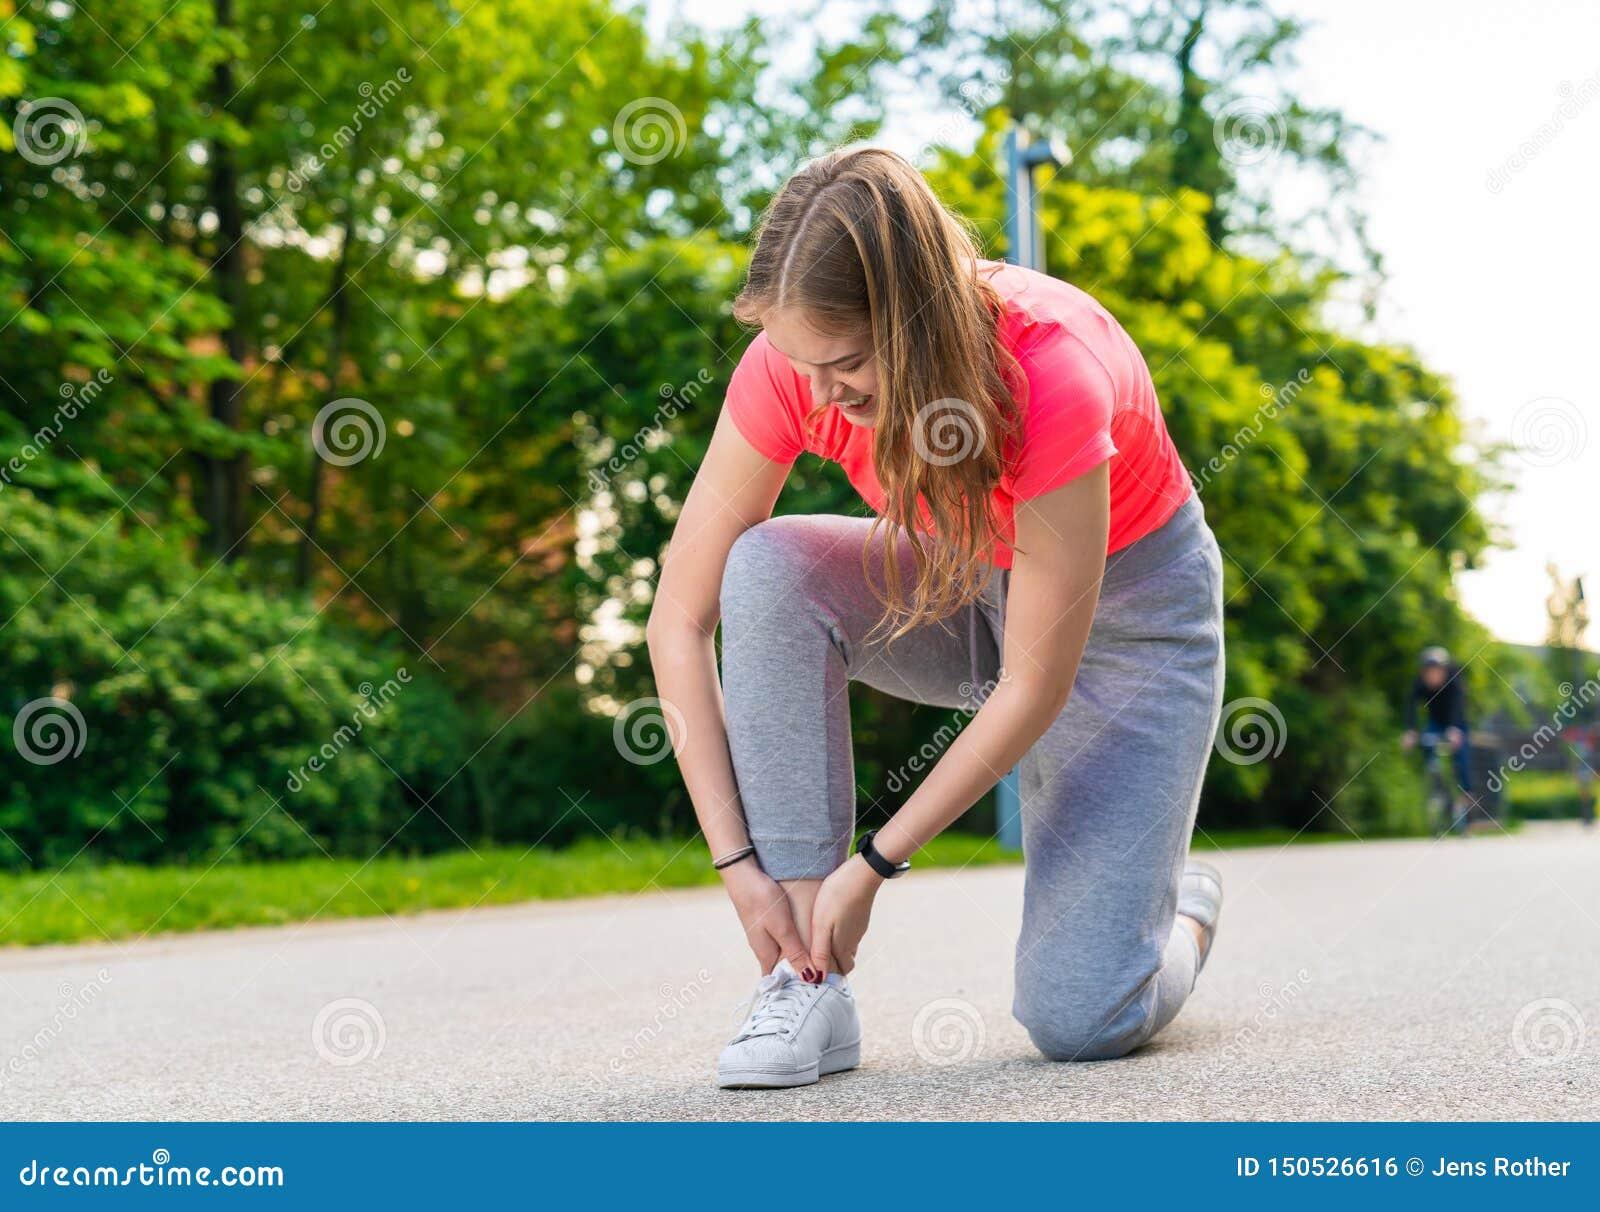 Vrouwelijk heeft jogger haar voet verwond en een pijn gehad